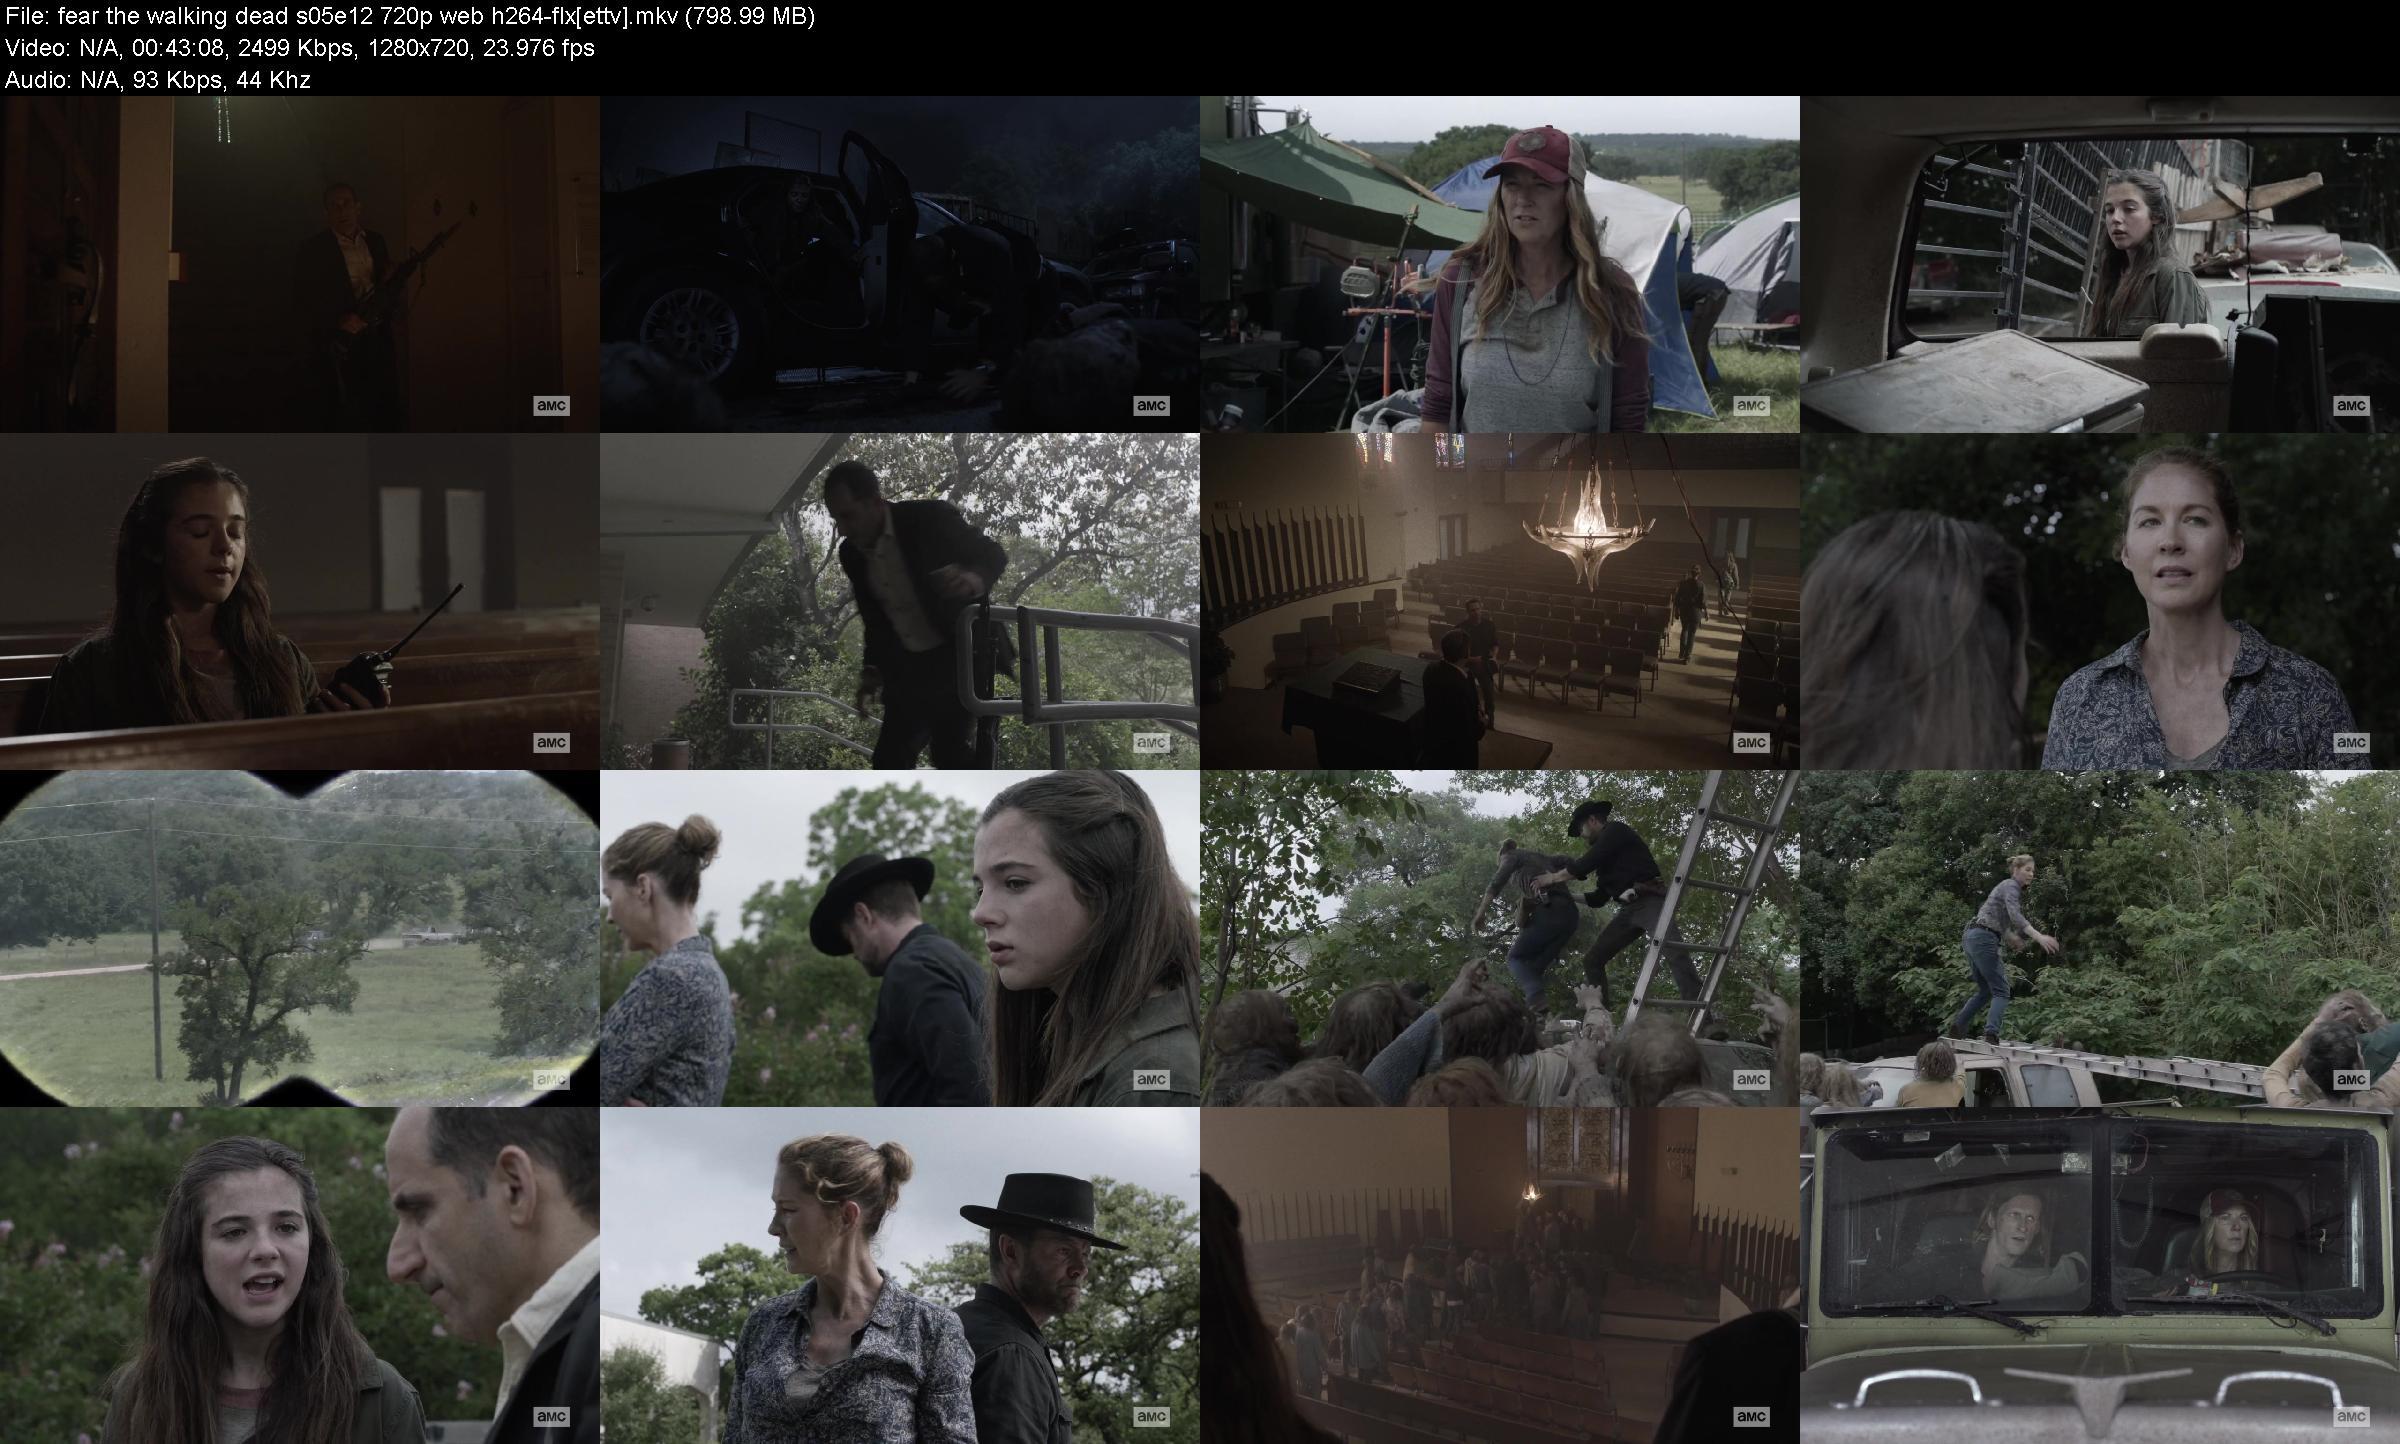 Fear the Walking Dead S05E12 720p WEB H264-FLX